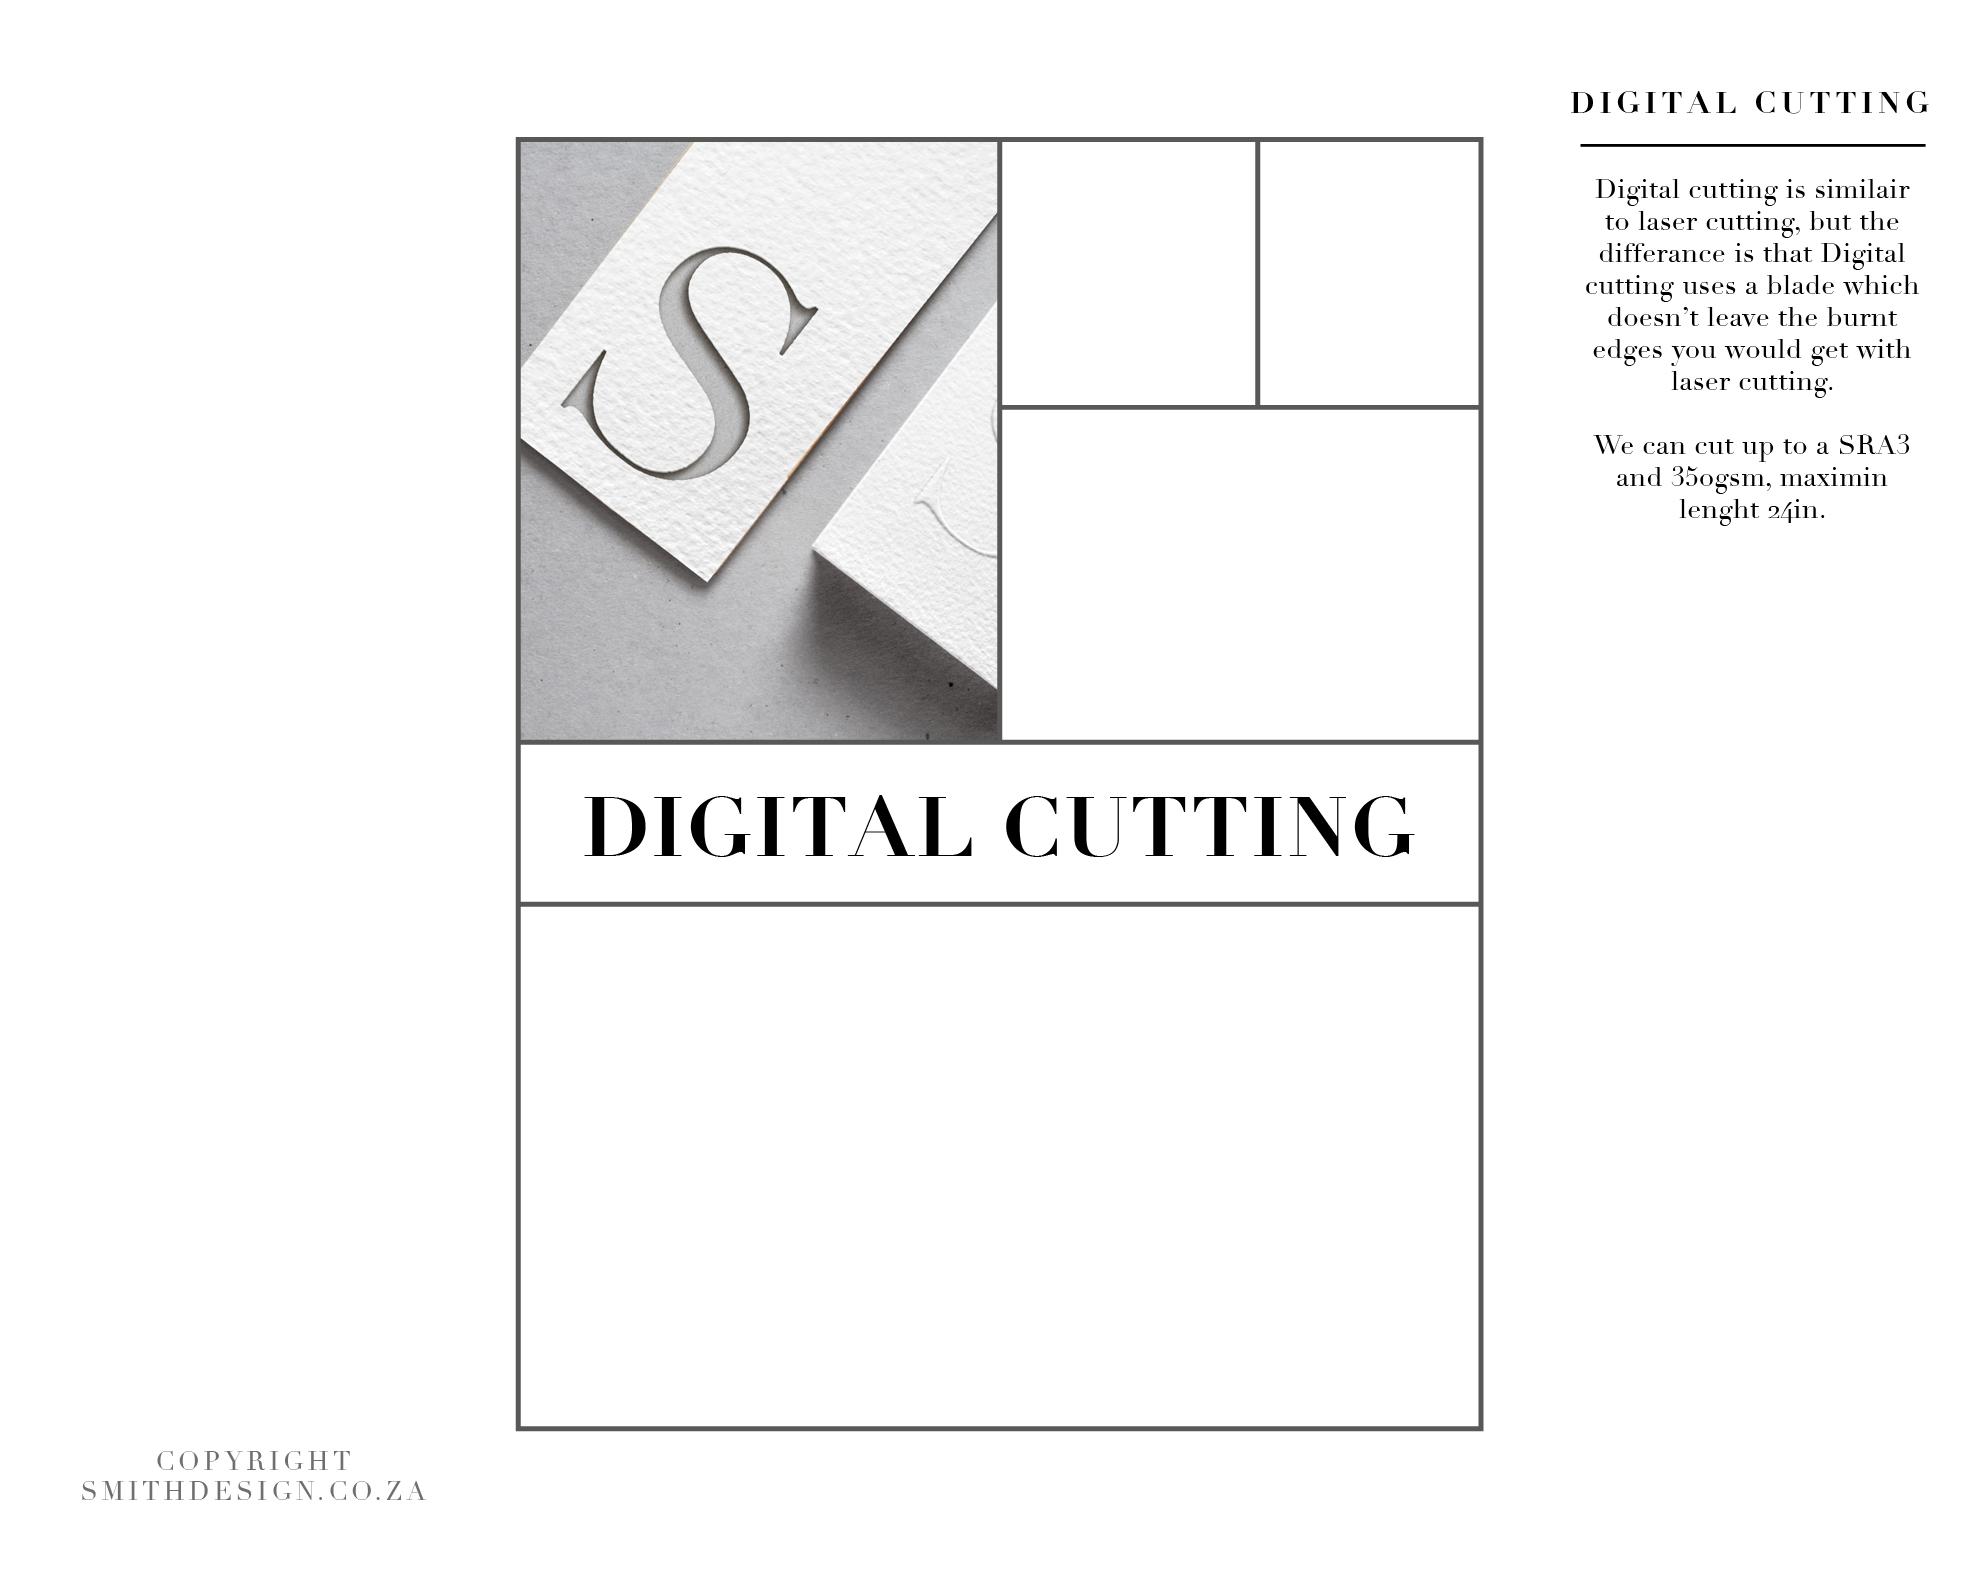 Smith Digital Cutting